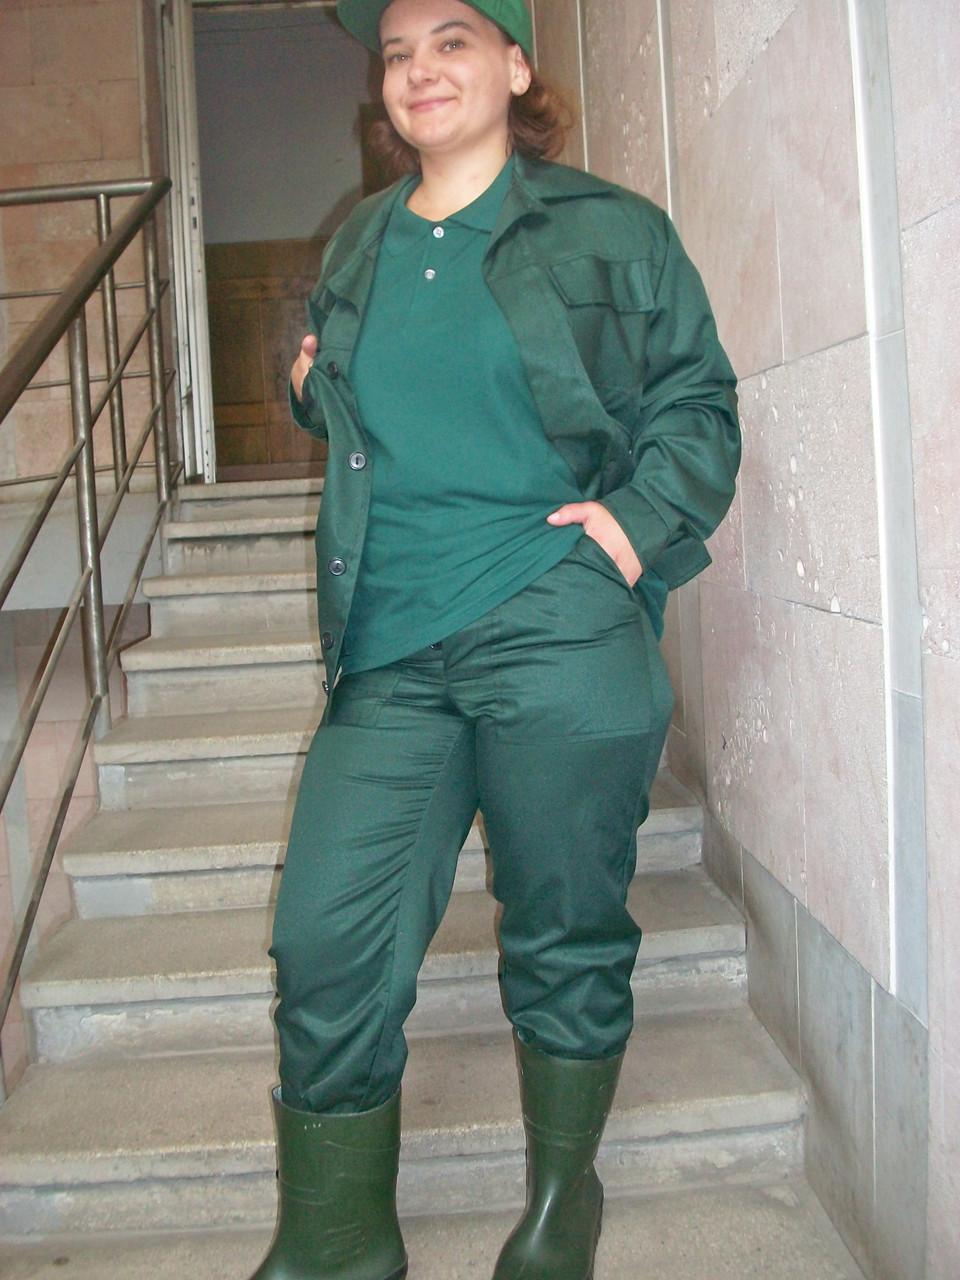 1458f2f5b72349 Костюм робочий стандарт, куртка коротка і штани, тк. грета, т-зелений